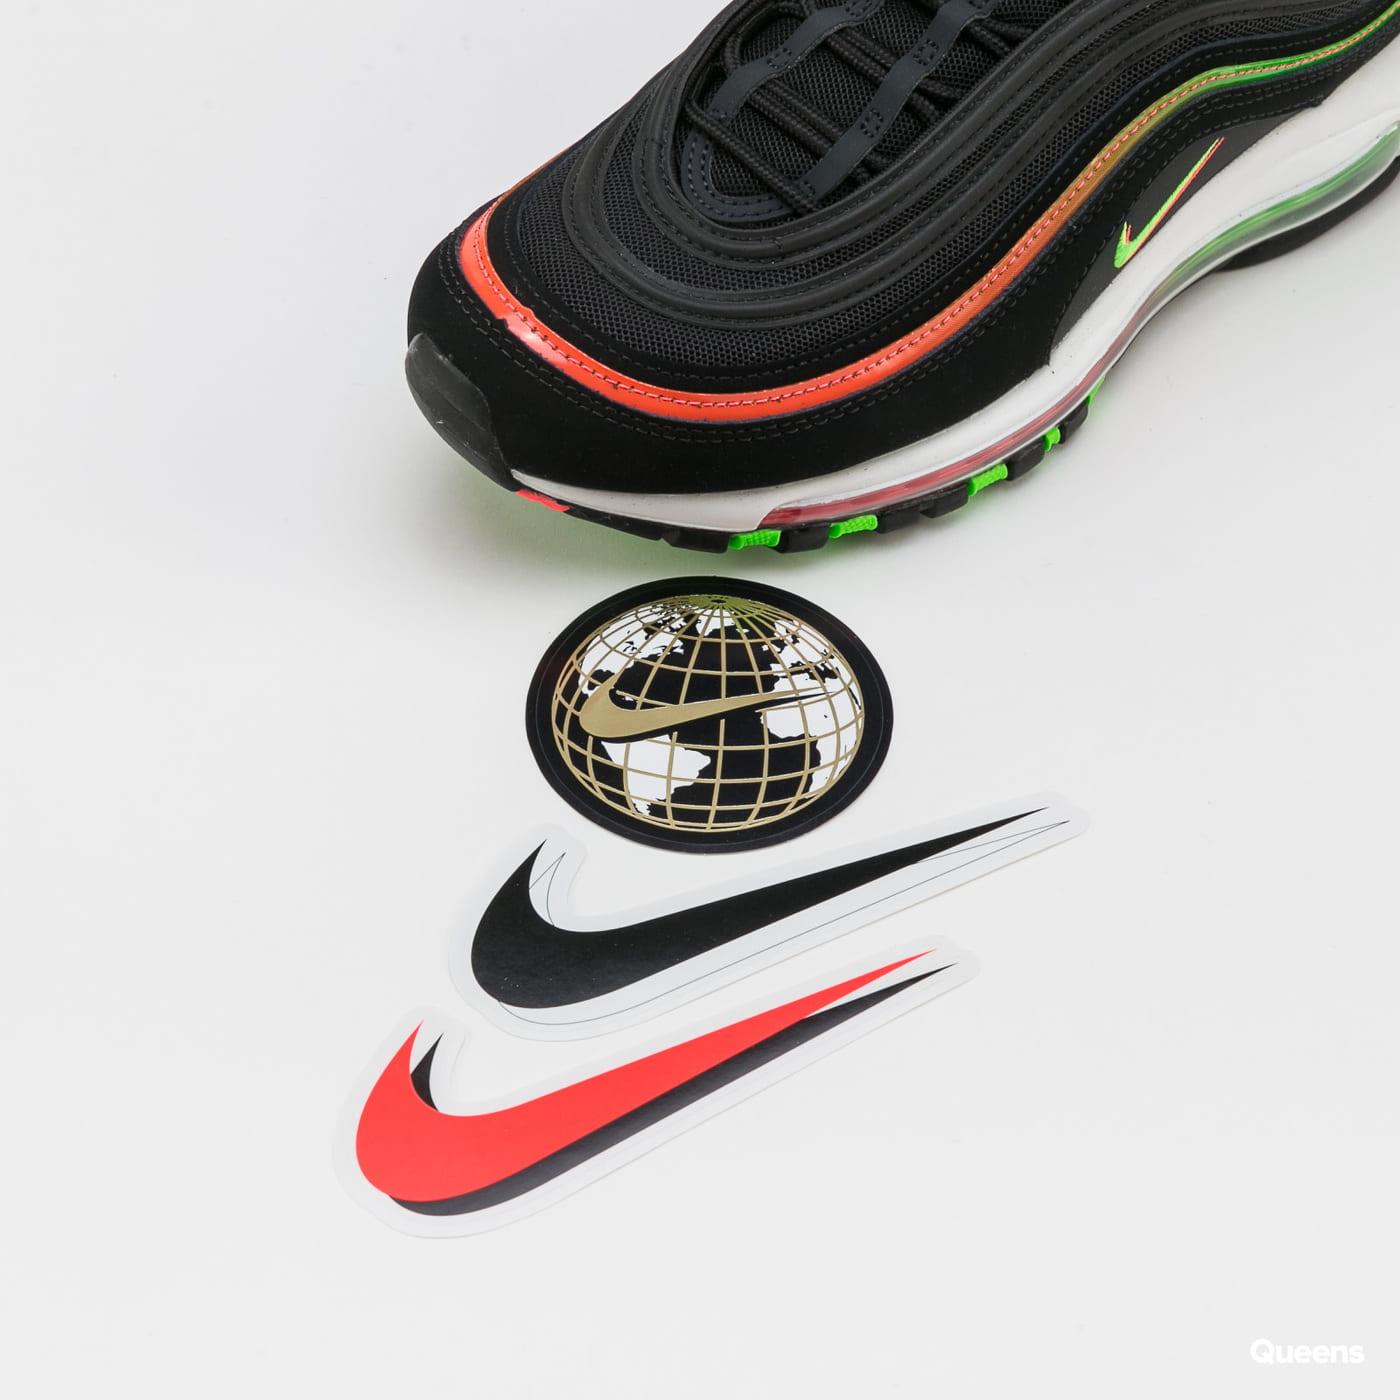 Nike Air Max 97 Worldwide black / green strike